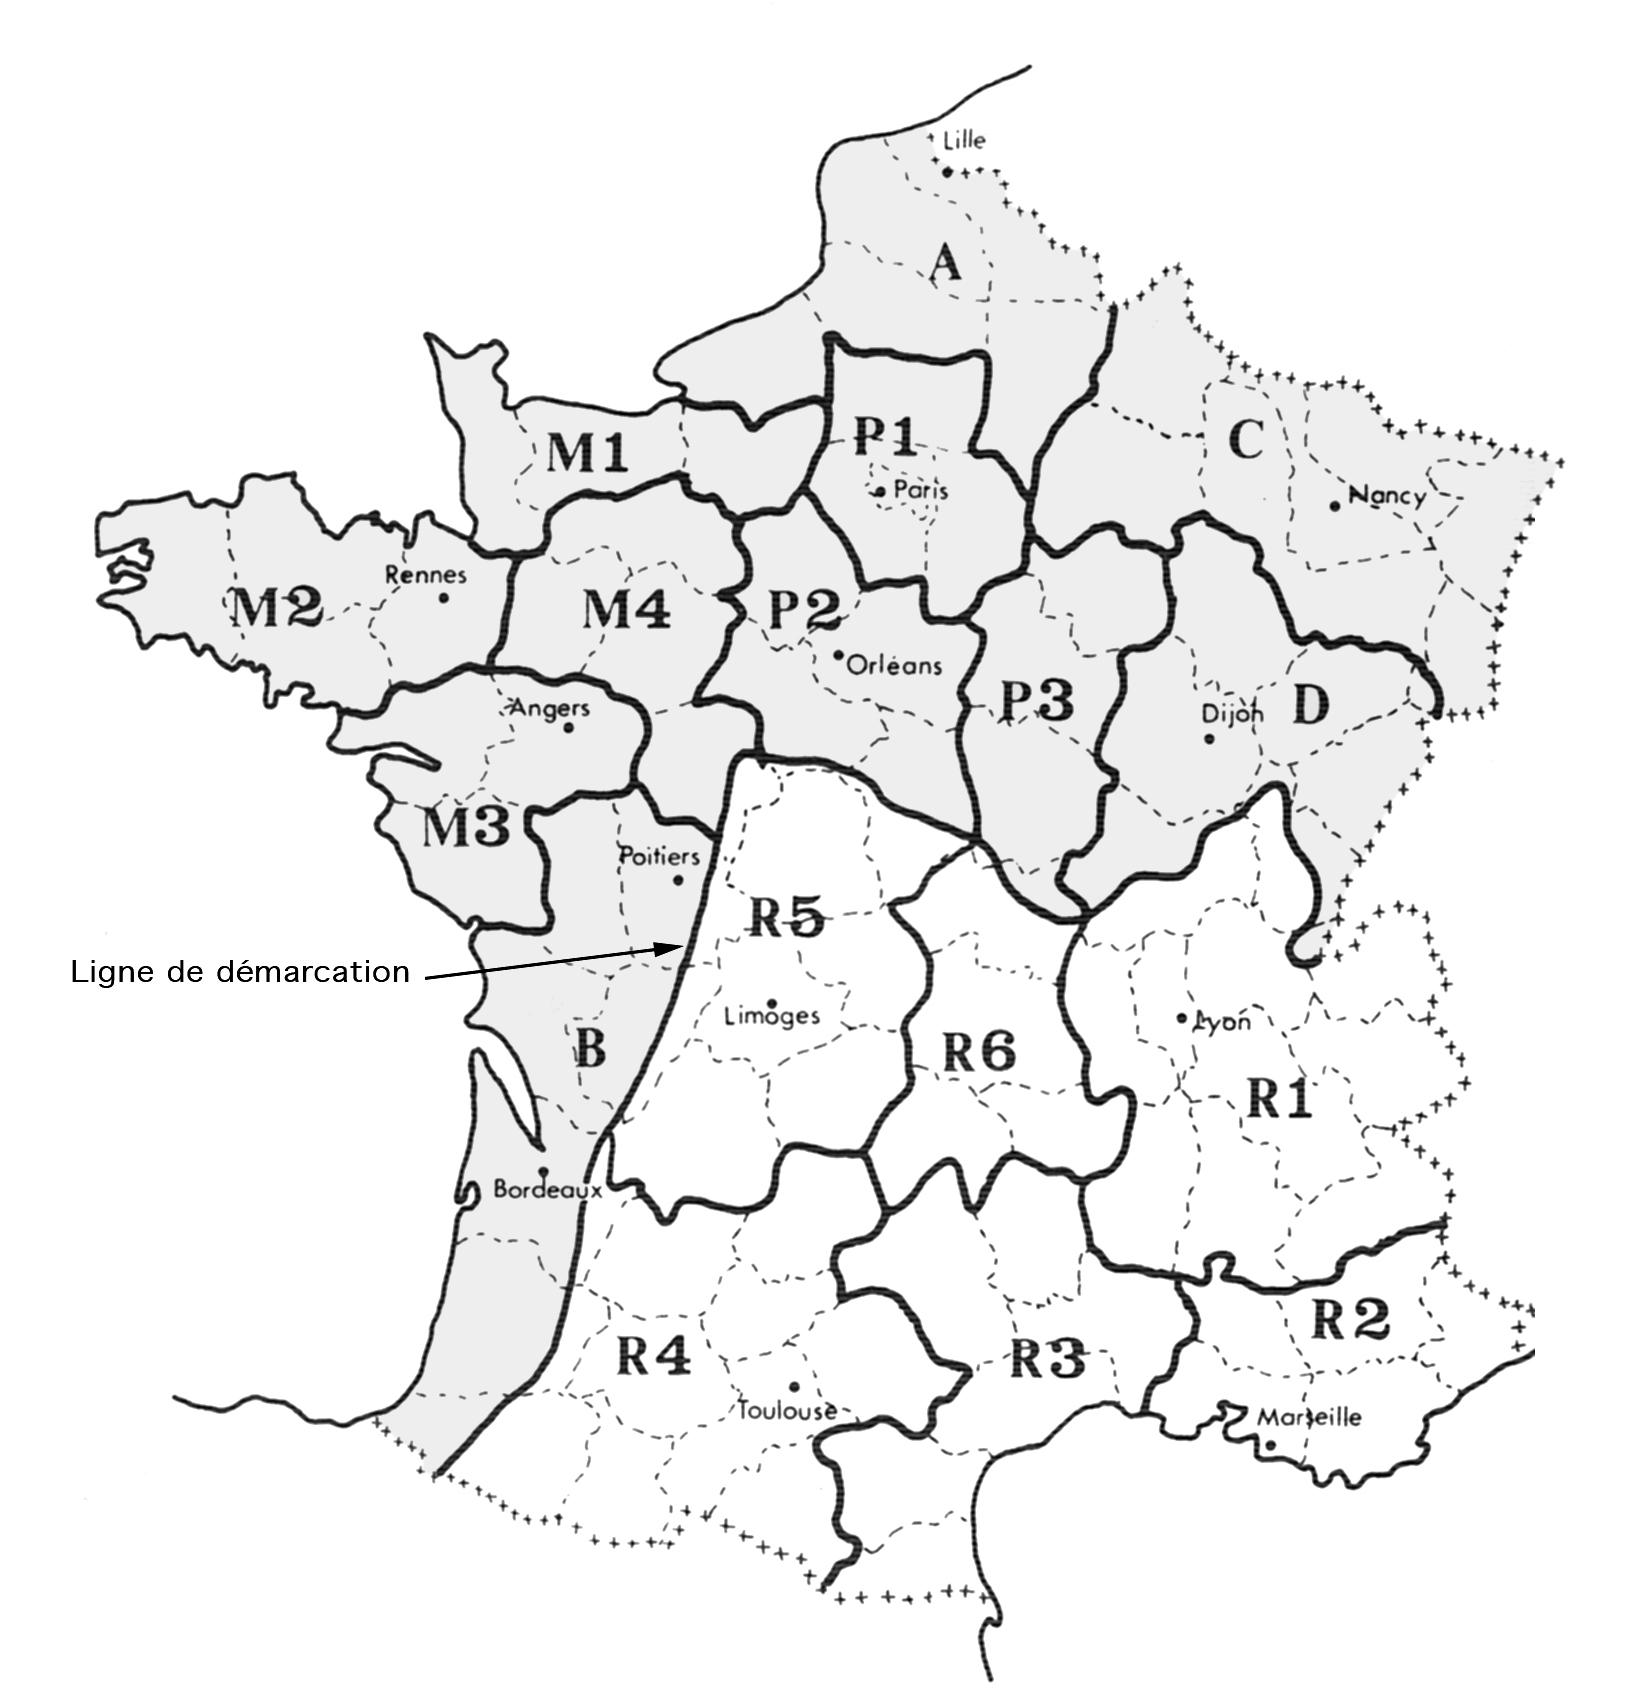 Carte publiée sur Wikipedia